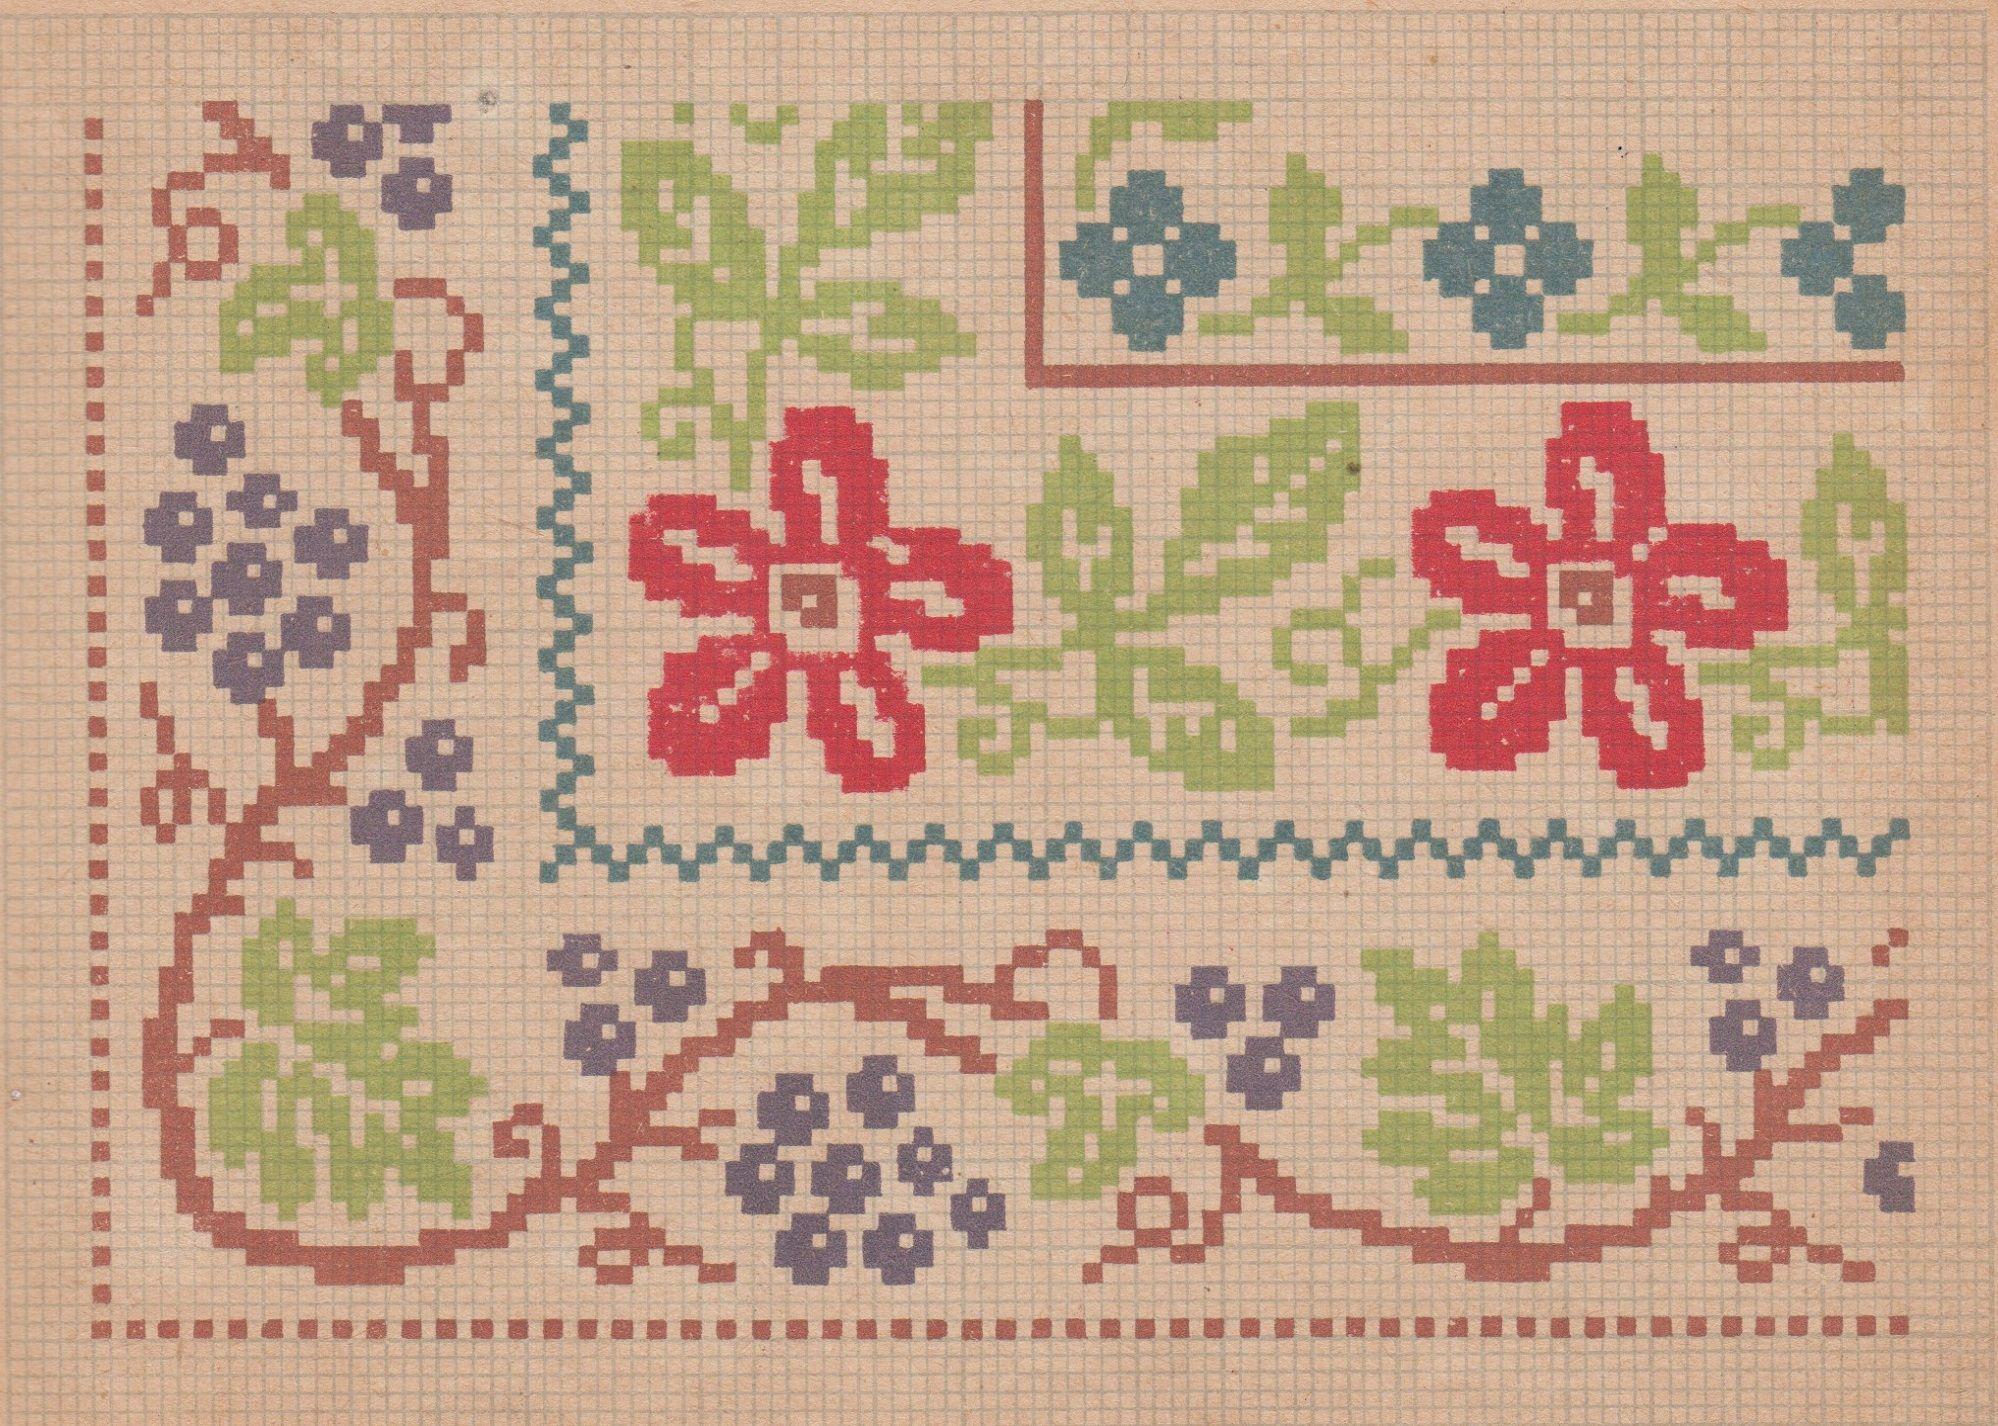 Вышивка крестом схемы каймы